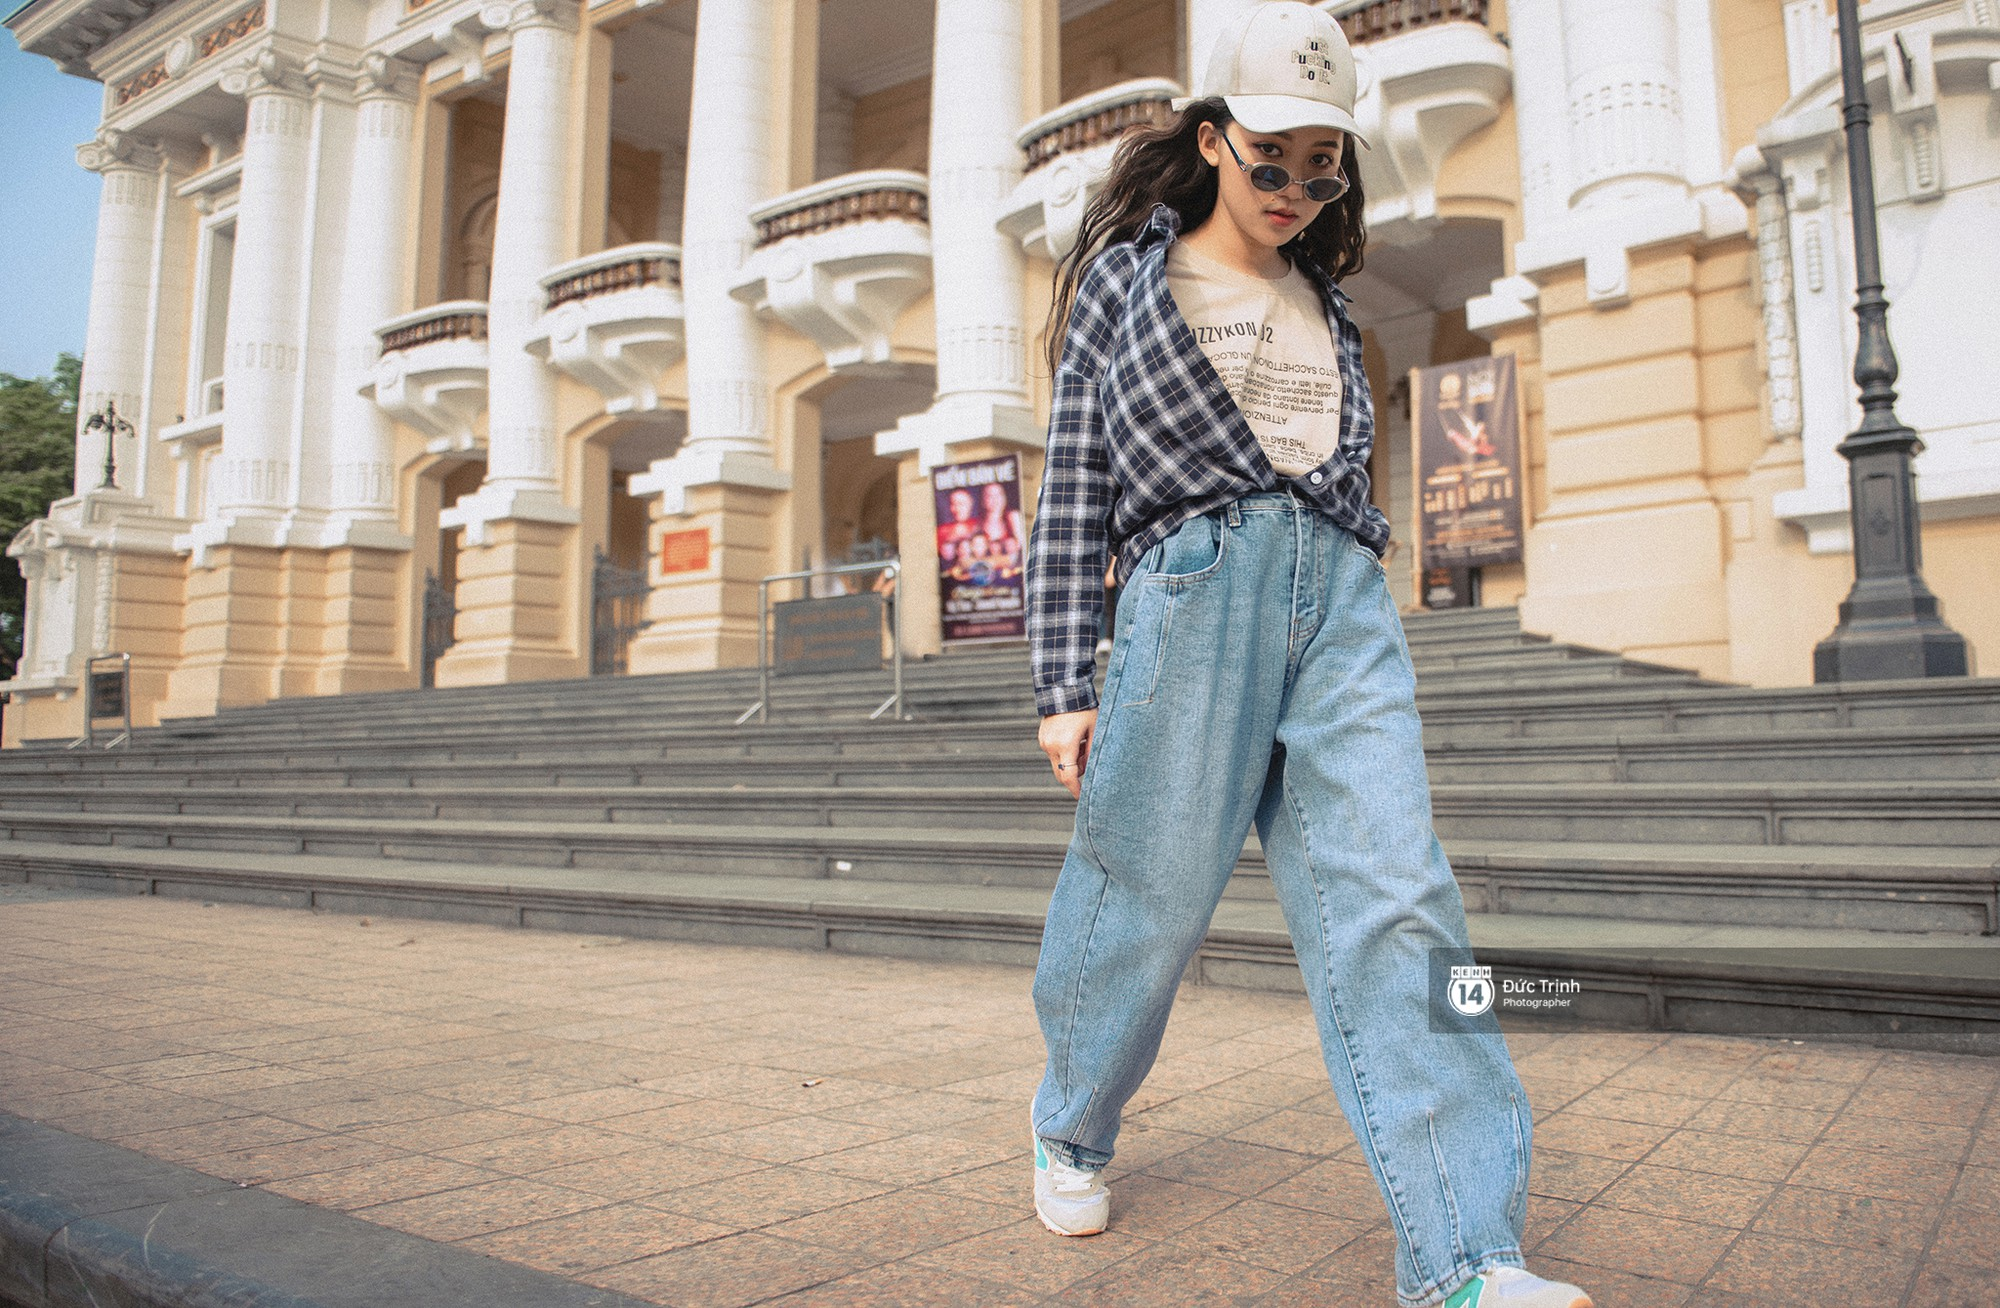 Street style 2 miền: Bên cạnh những món đồ hot trend, diện đồ đôi chính là chiêu mới để các bạn trẻ thể hiện phong cách - Ảnh 1.